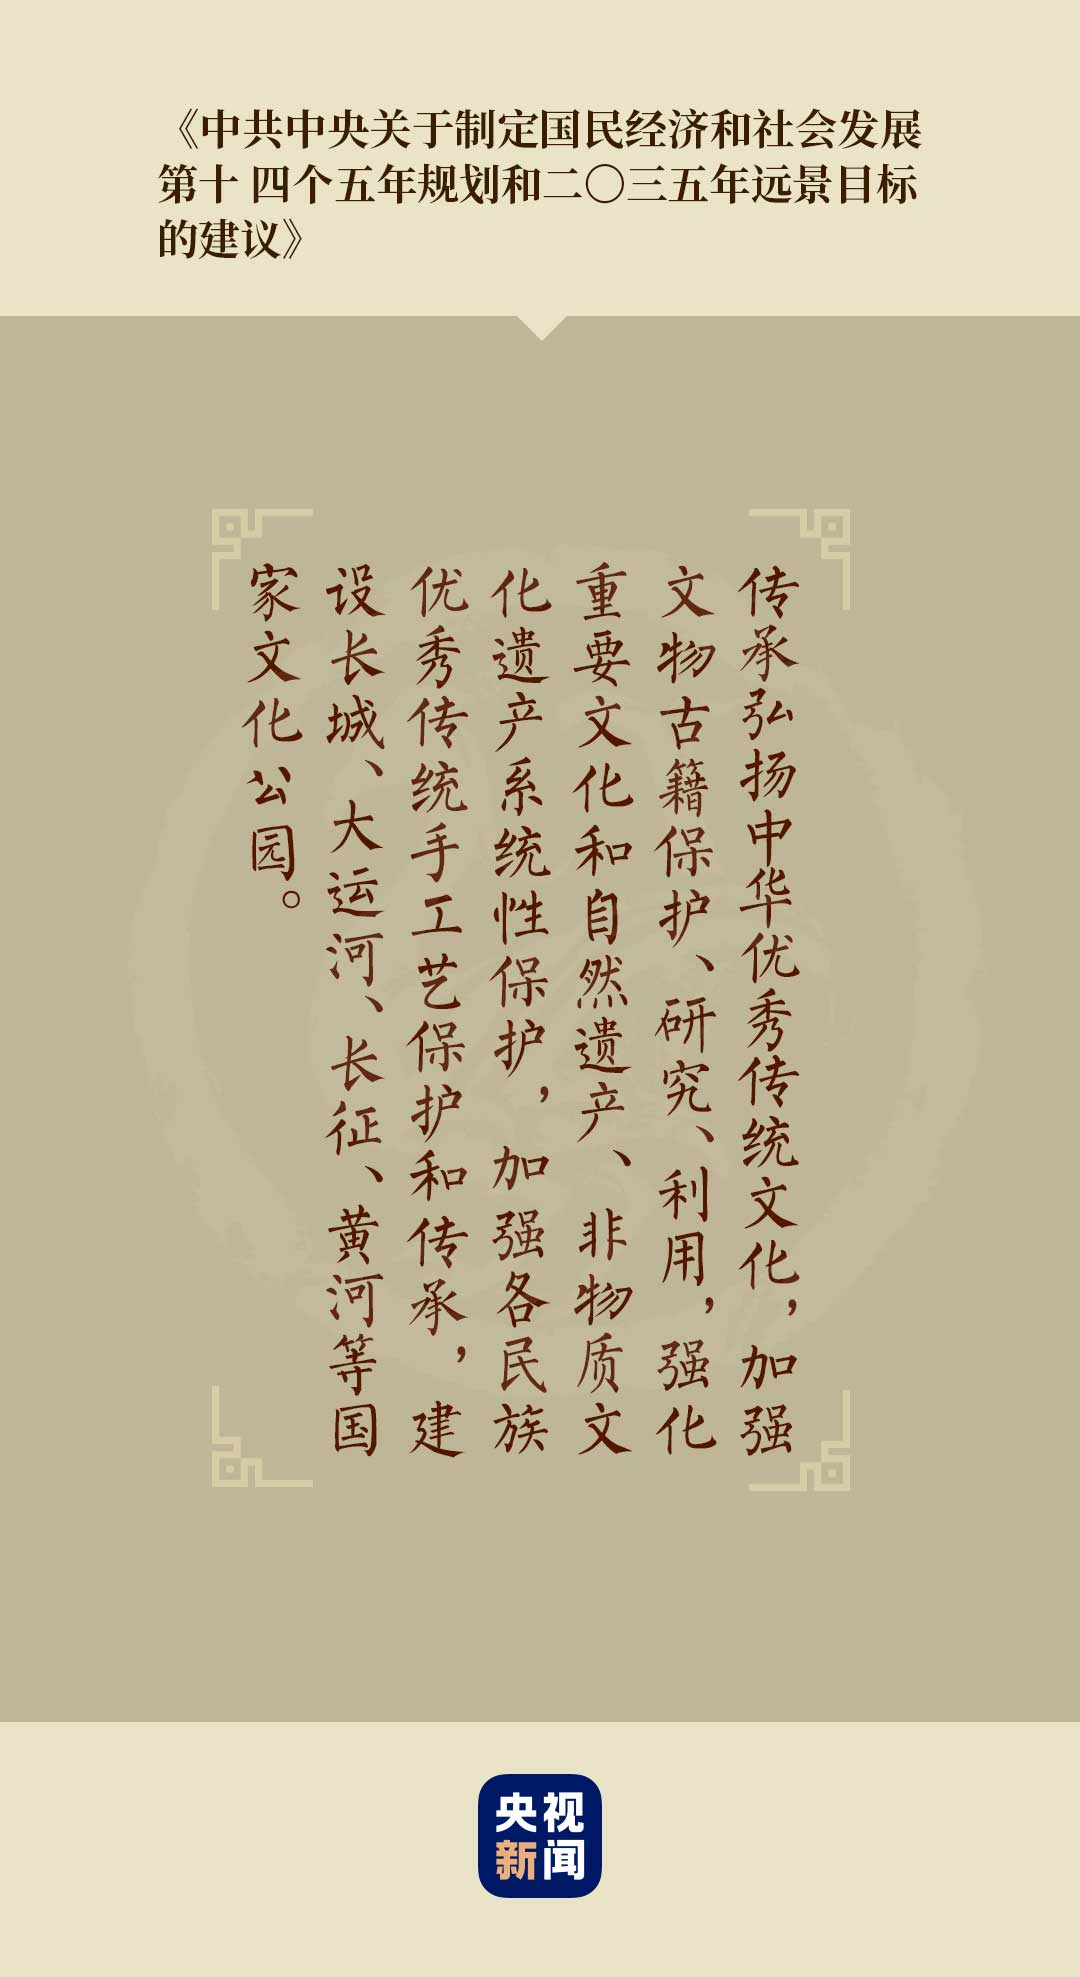 鉴往知来,让璀璨的中华文明照亮复兴之路